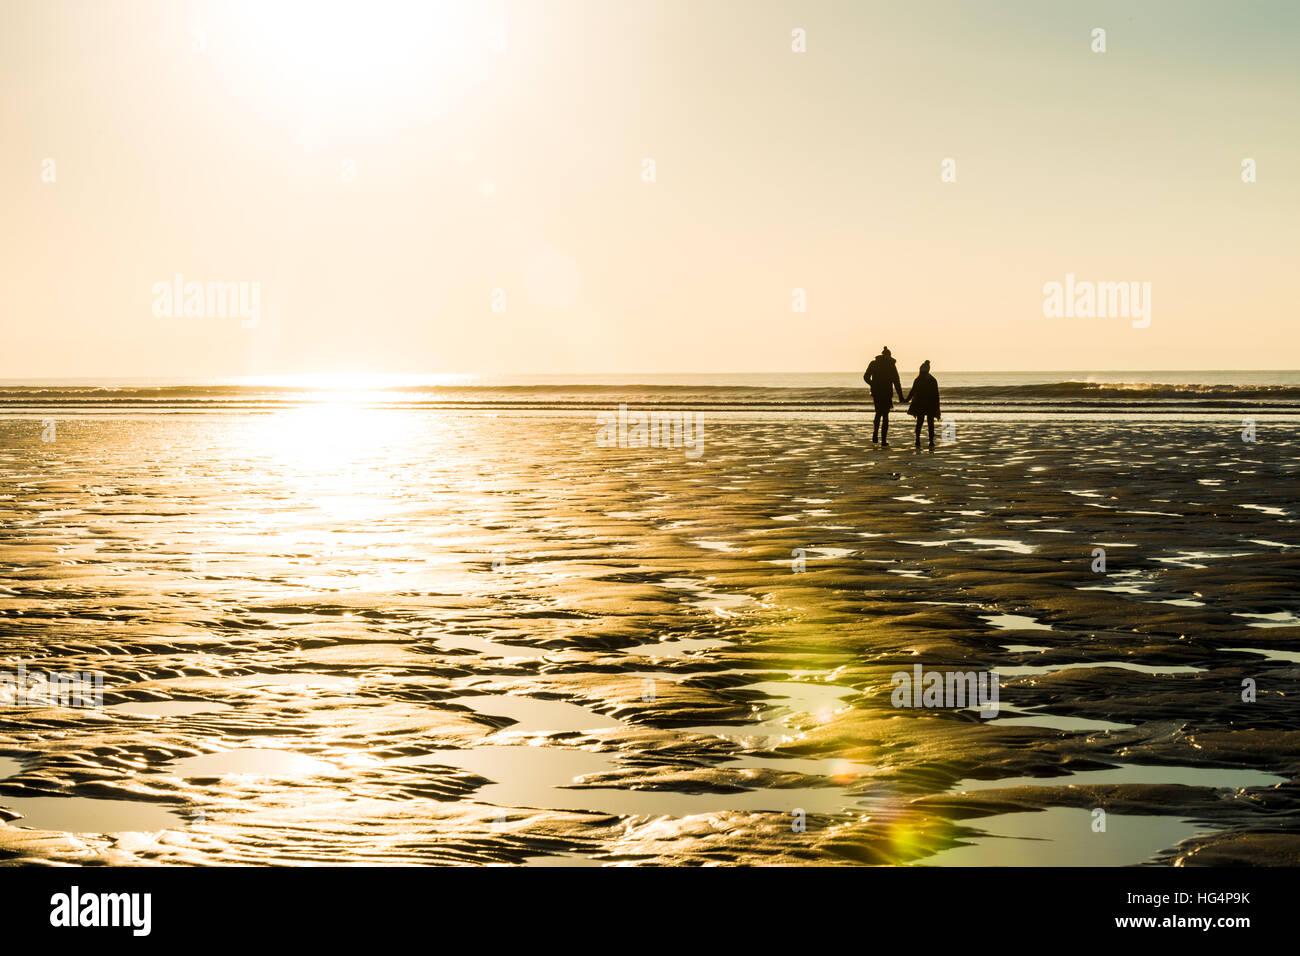 Un couple en train de marcher sur la plage le soir Photo Stock